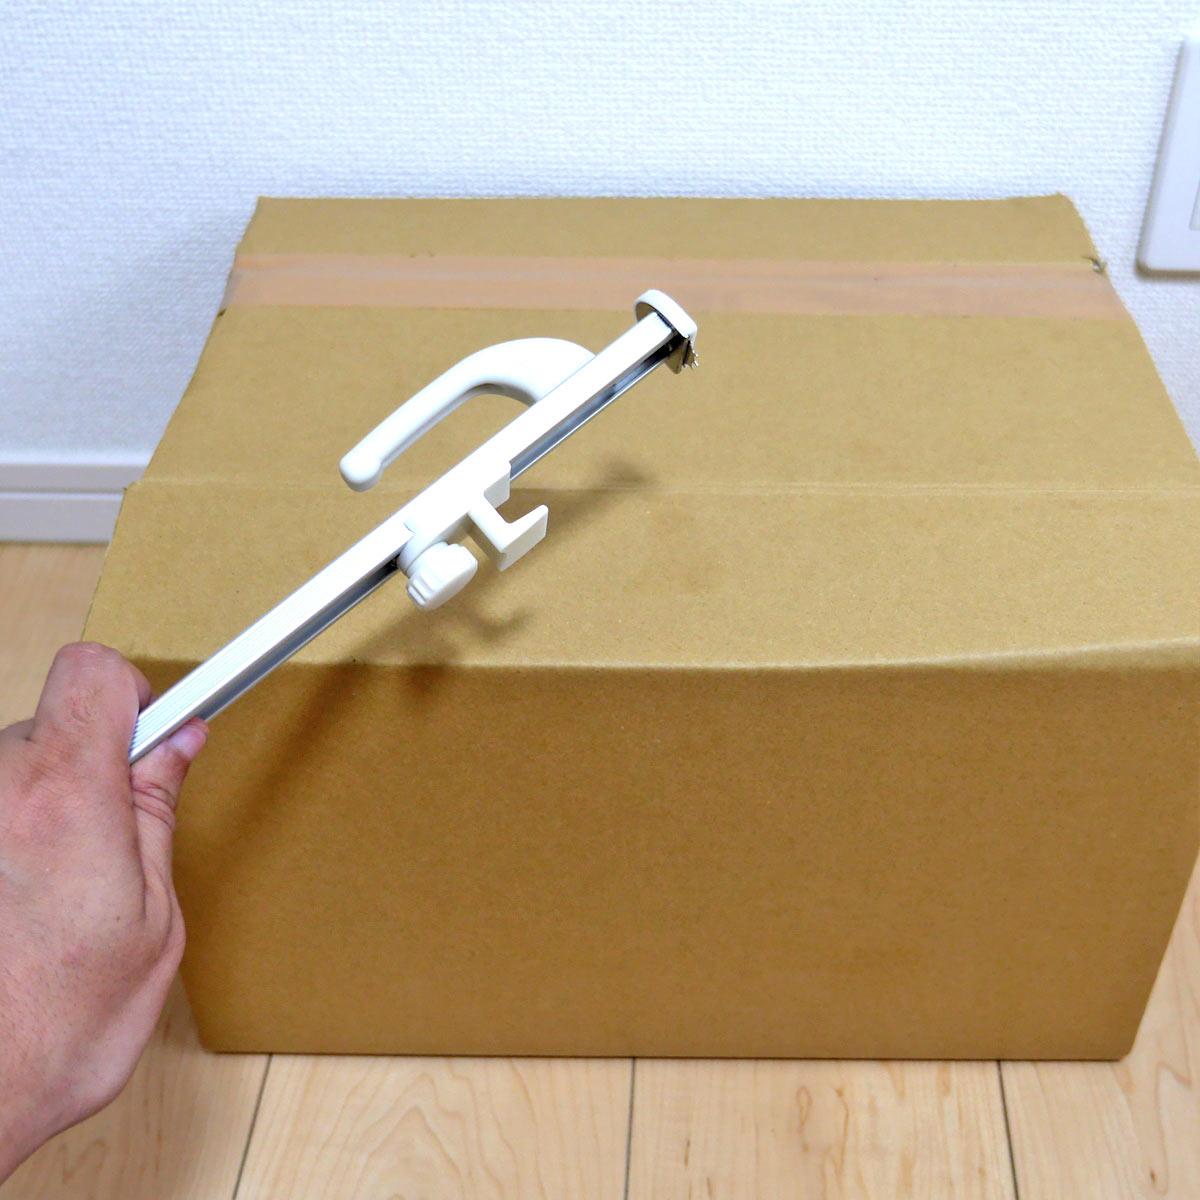 段ボール箱をピッタリサイズにできる「箱切り名人」で送料をお得に!